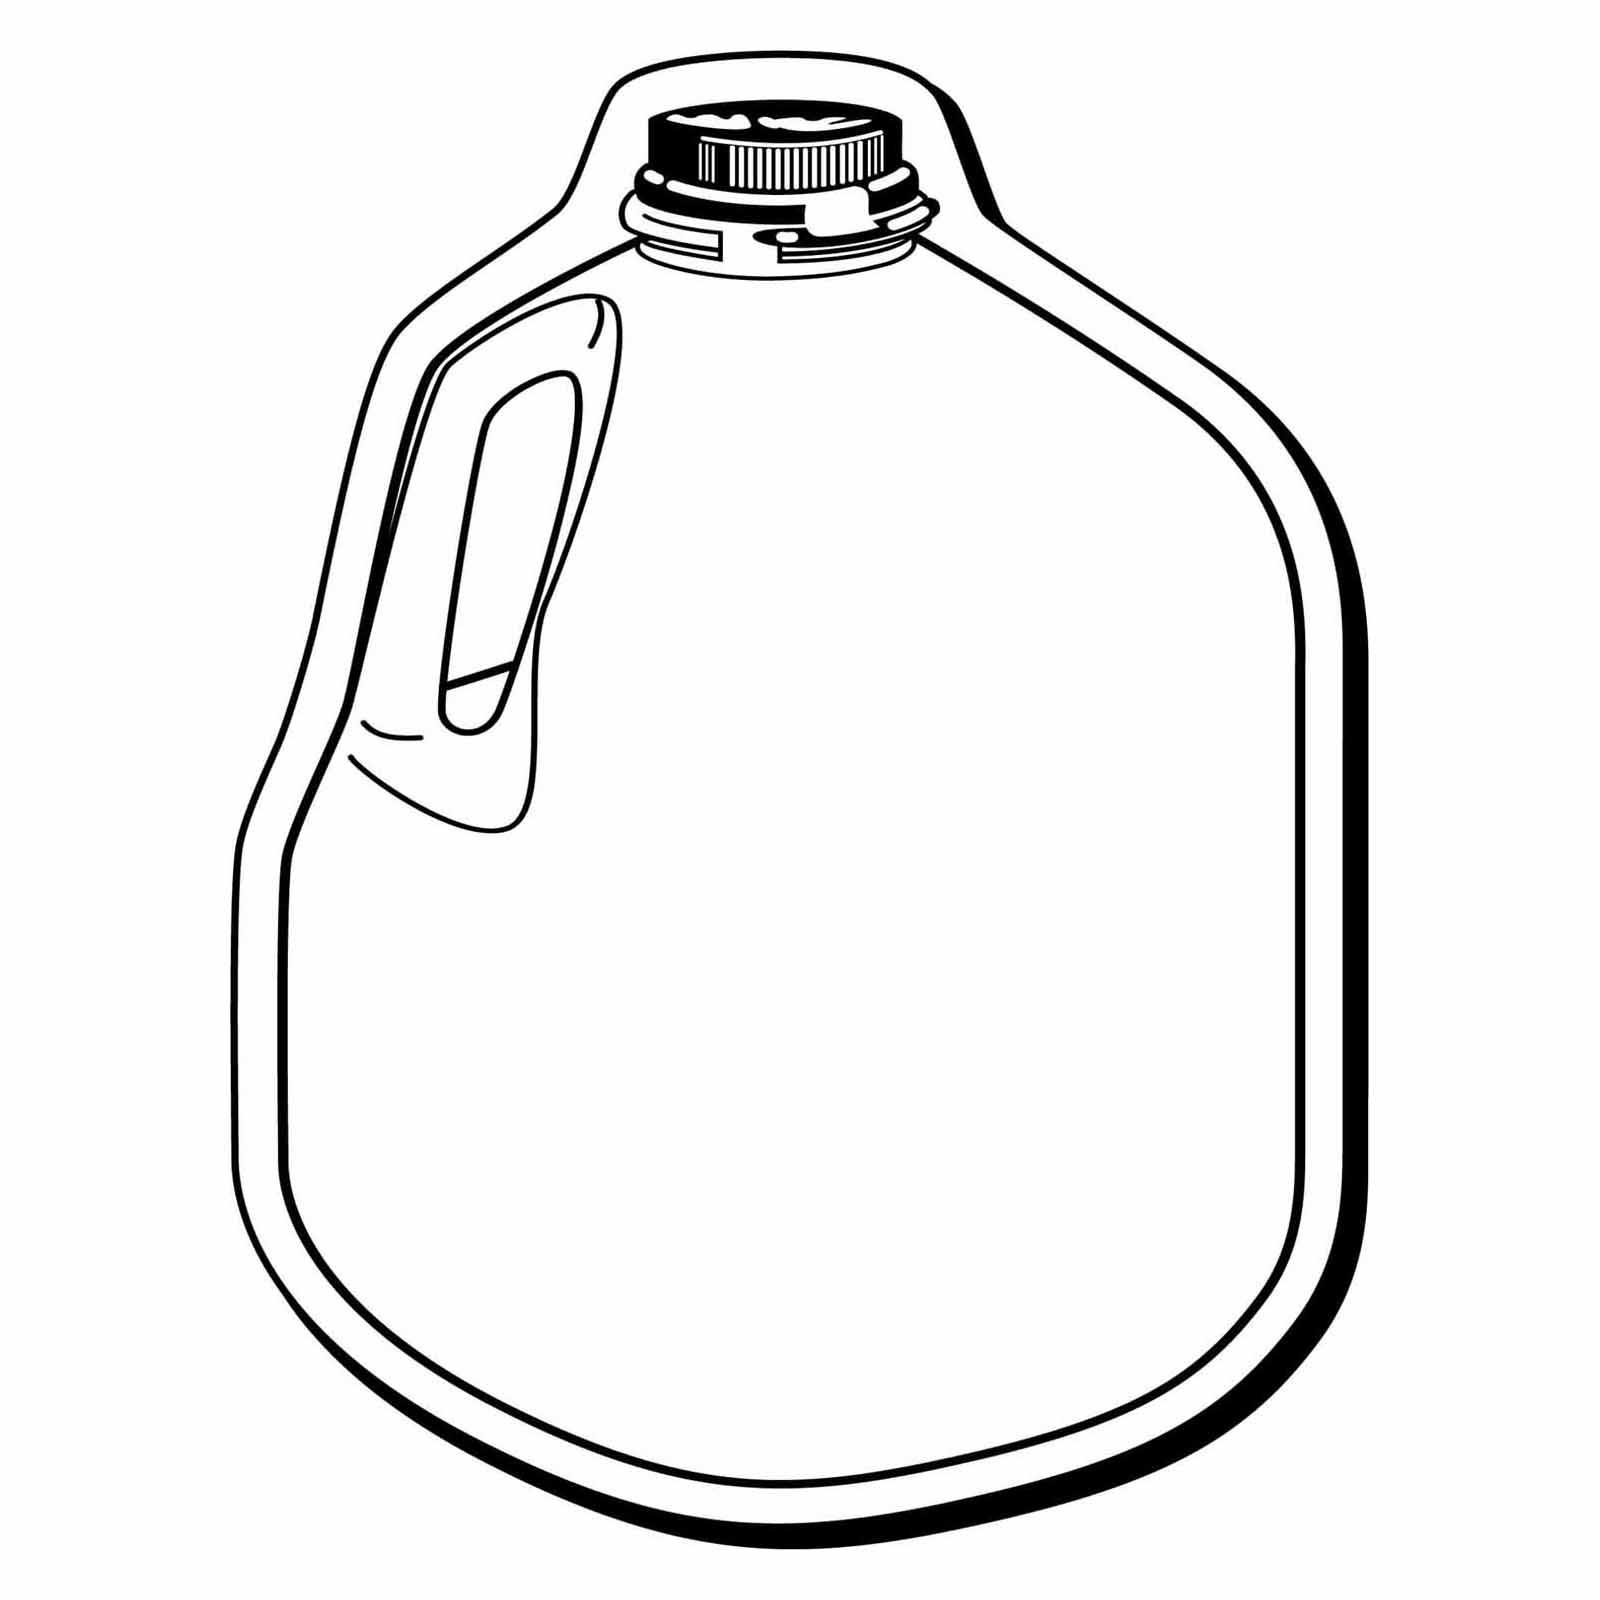 Clipart milk gallon milk. Free cliparts jug download